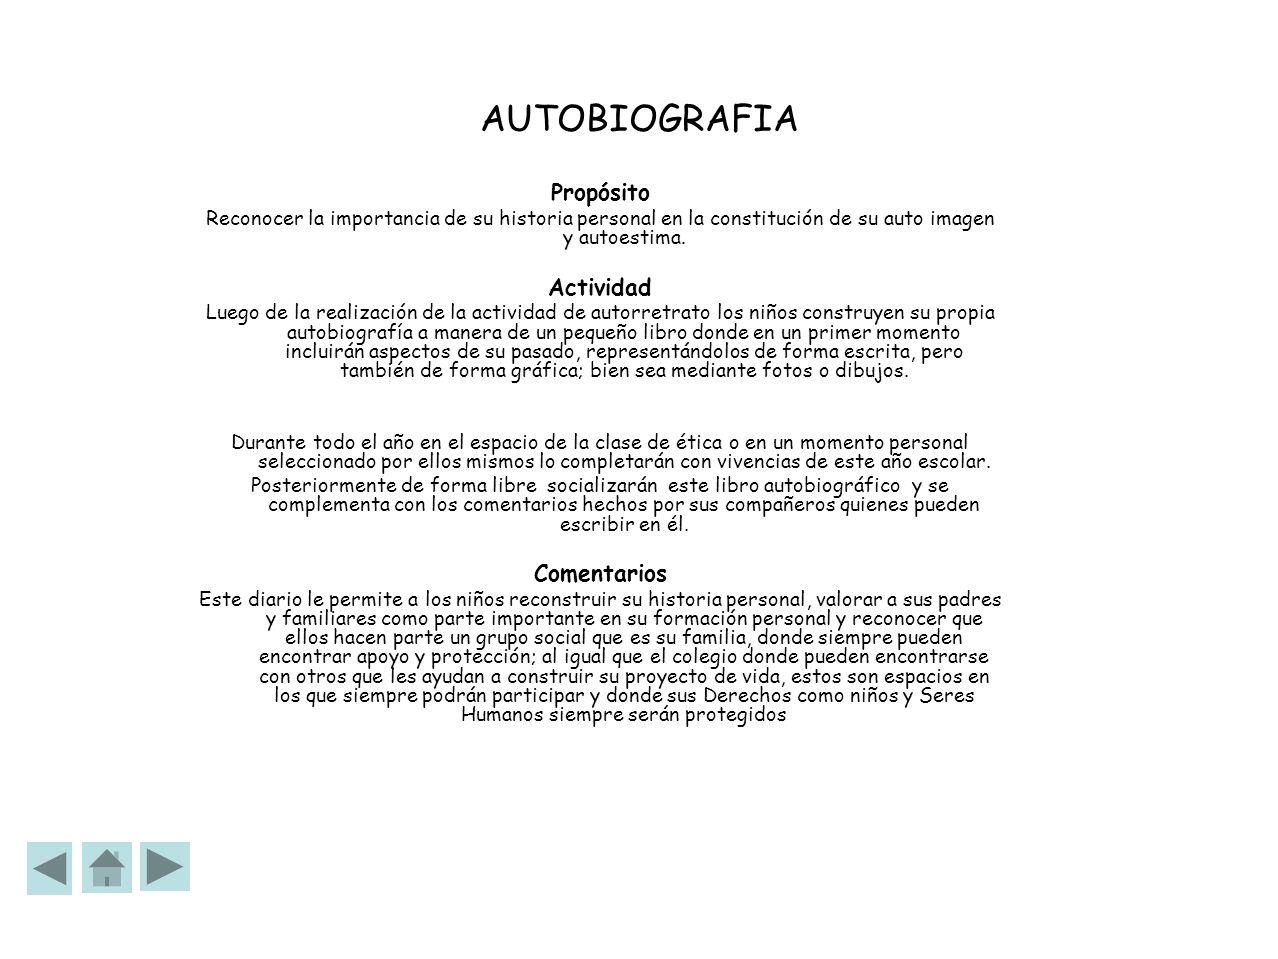 AUTOBIOGRAFIA Propósito Actividad Comentarios